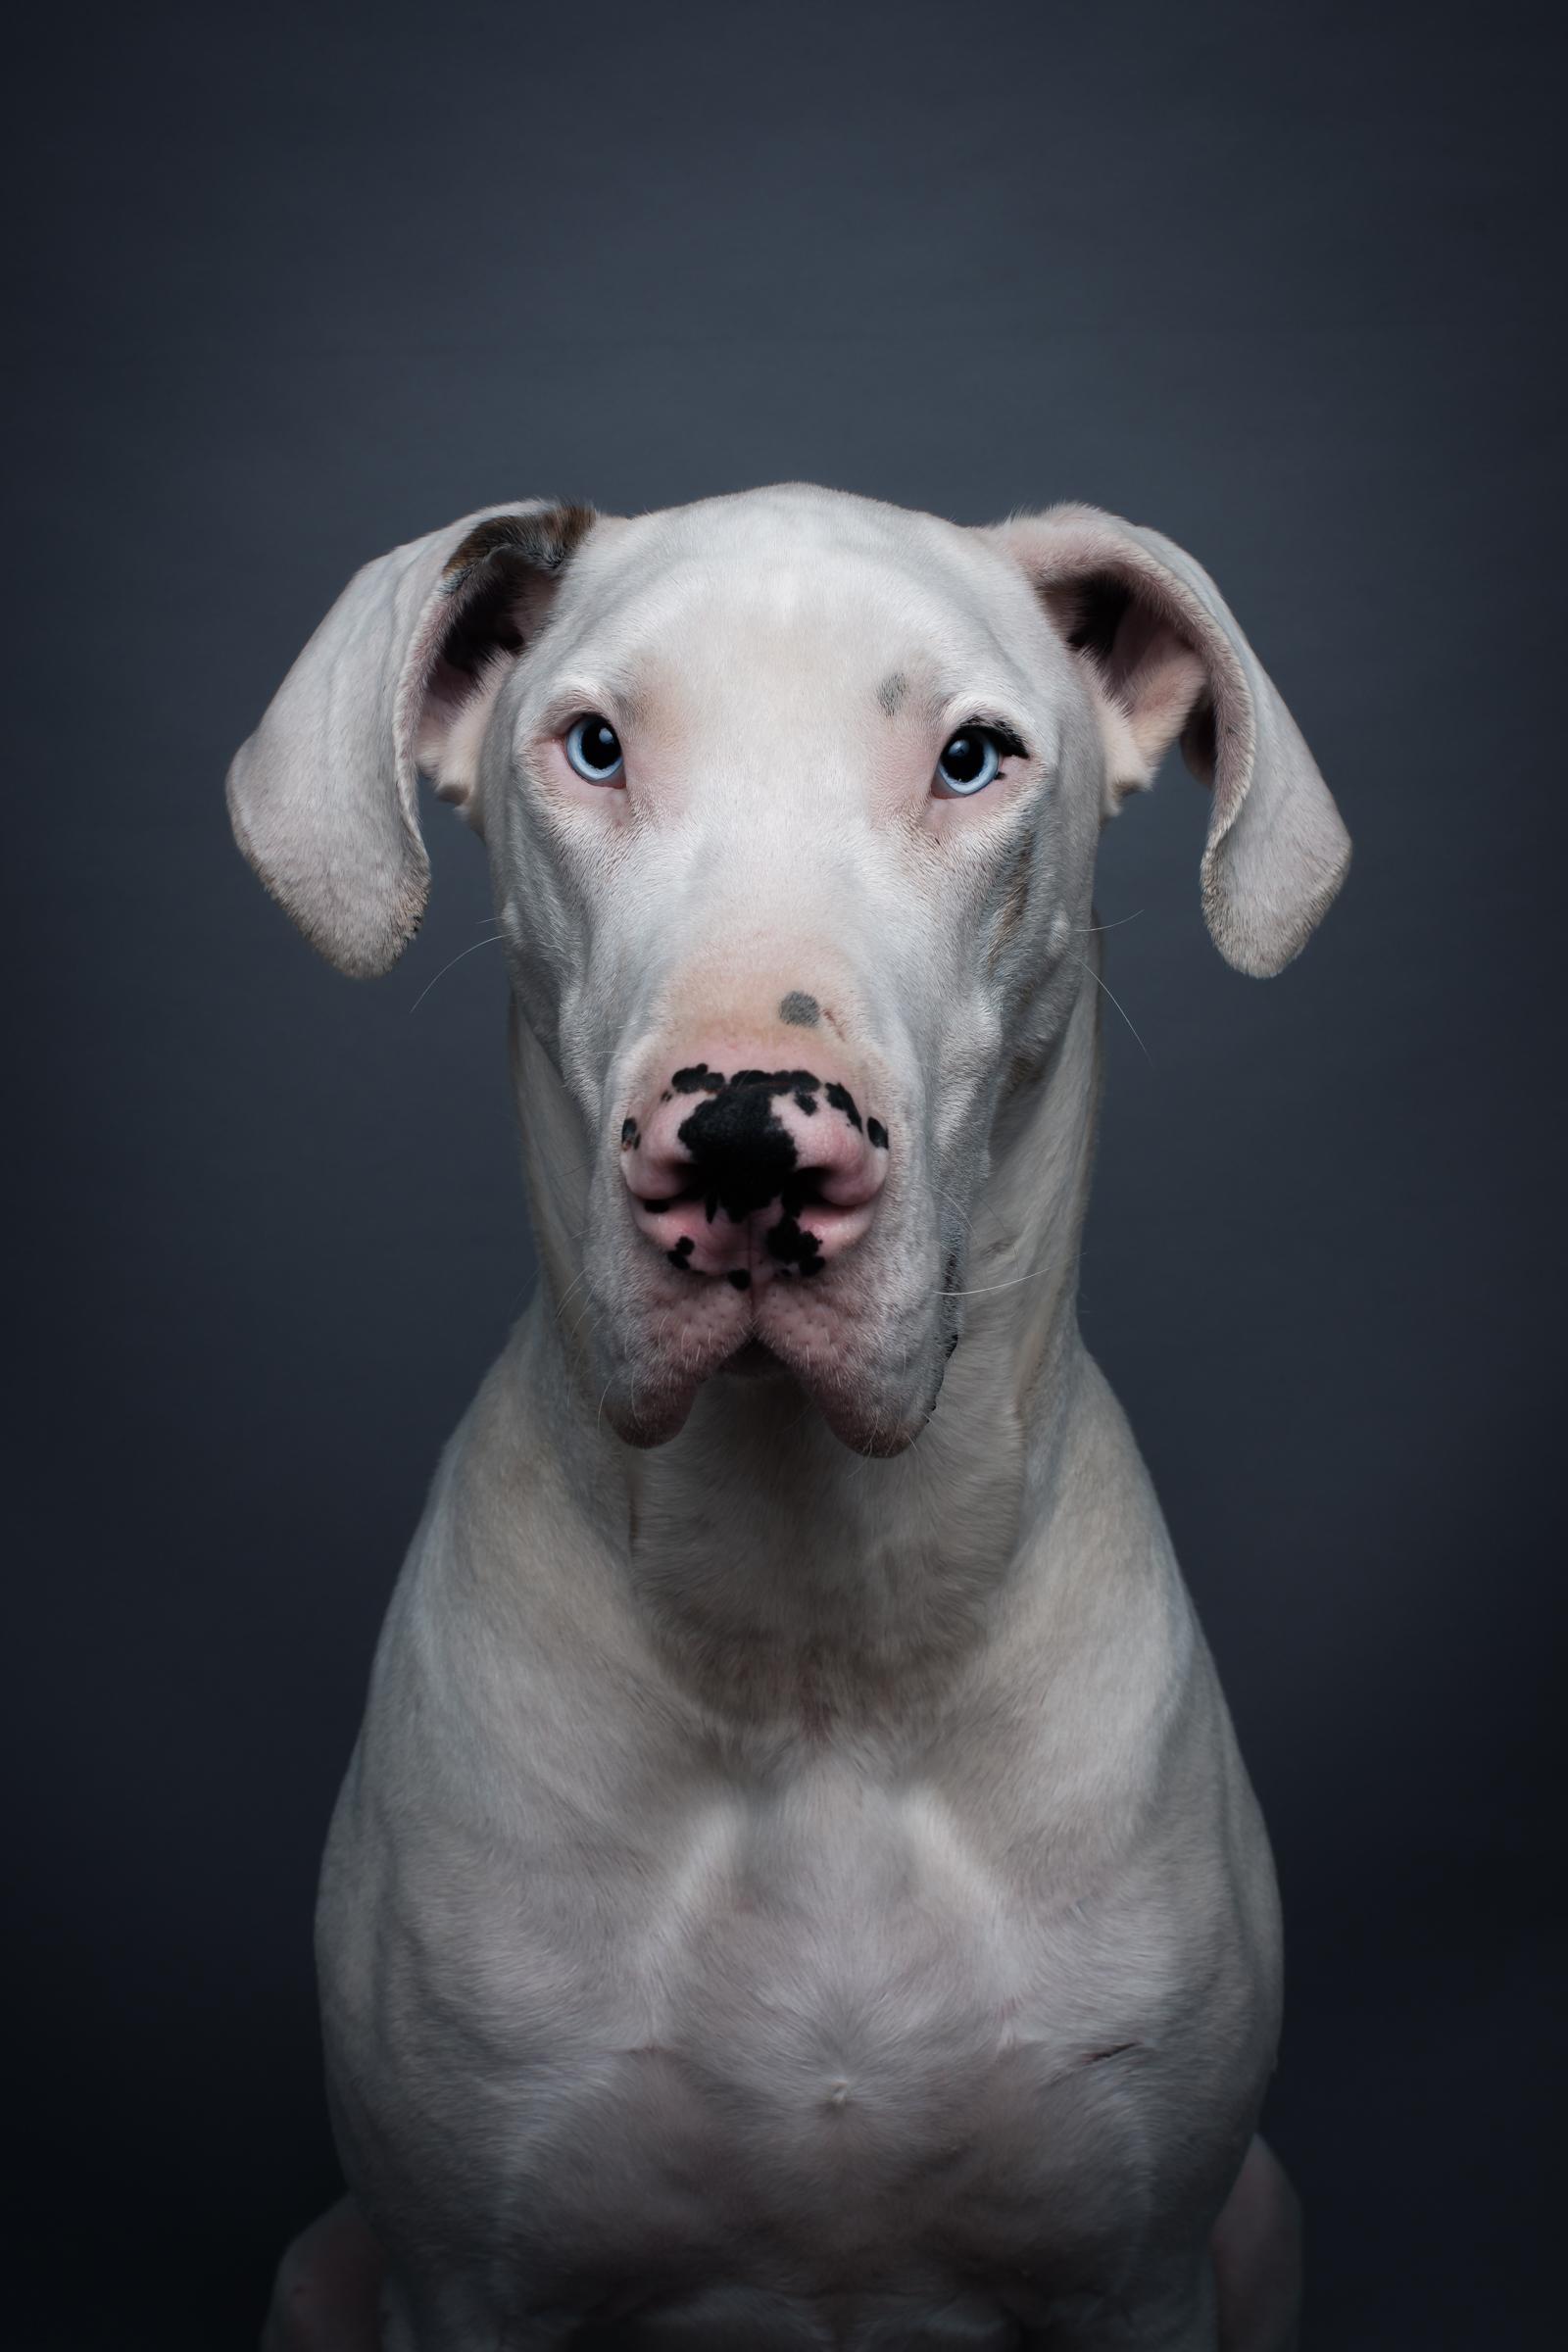 spay_neuter_pet_brunswick_MD_great_dane_veterinarian_village_vet_urbana_veterinarian.jpg